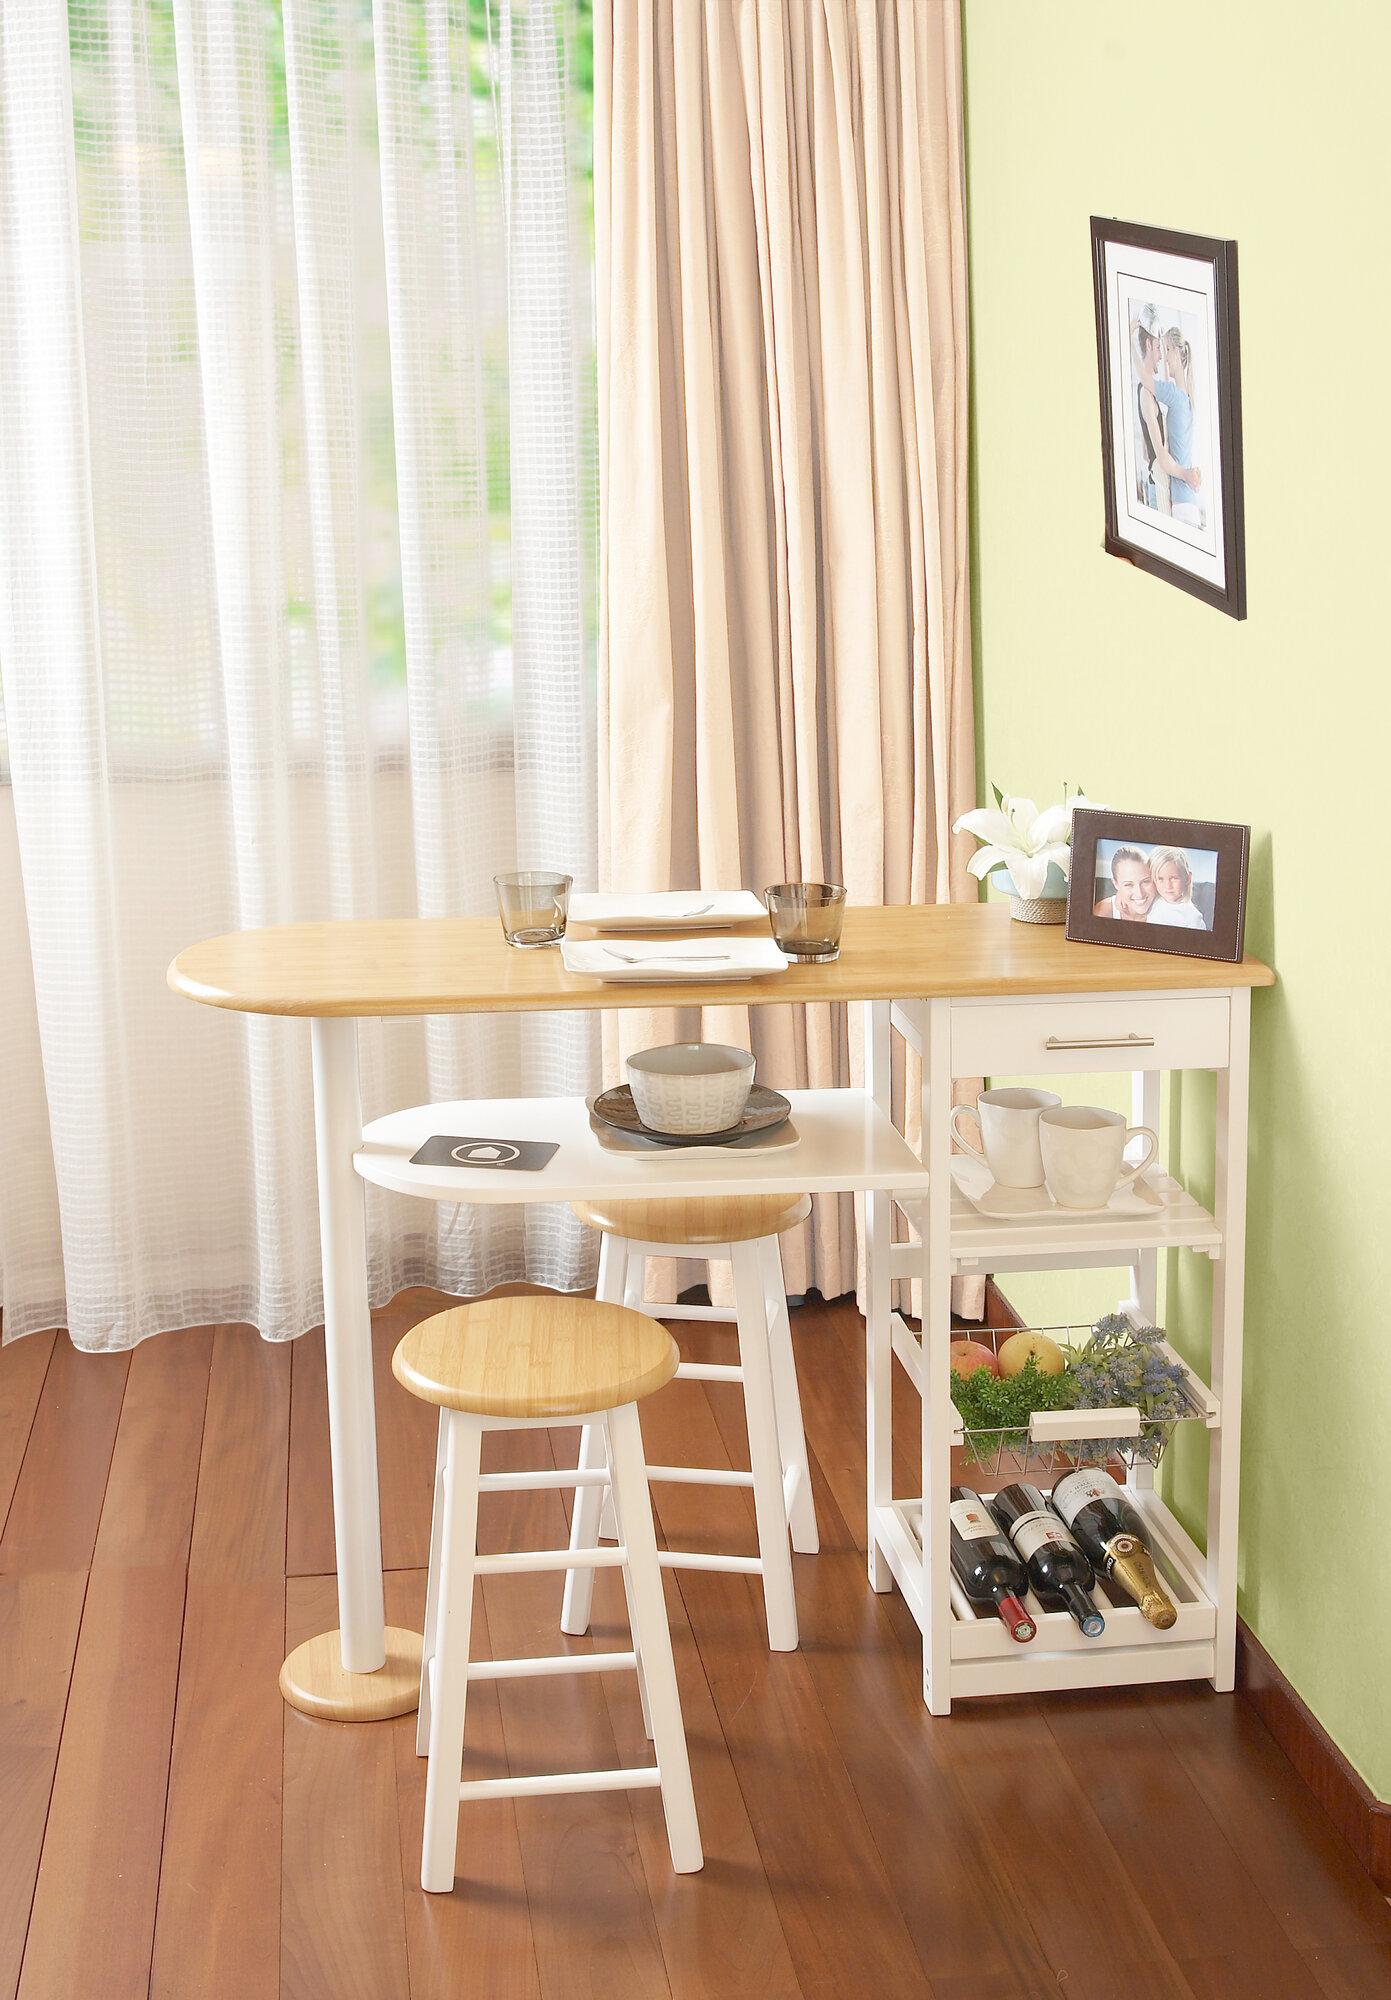 Details about Winston Porter Baptista Kitchen Island Bar Set with Wine  Storage